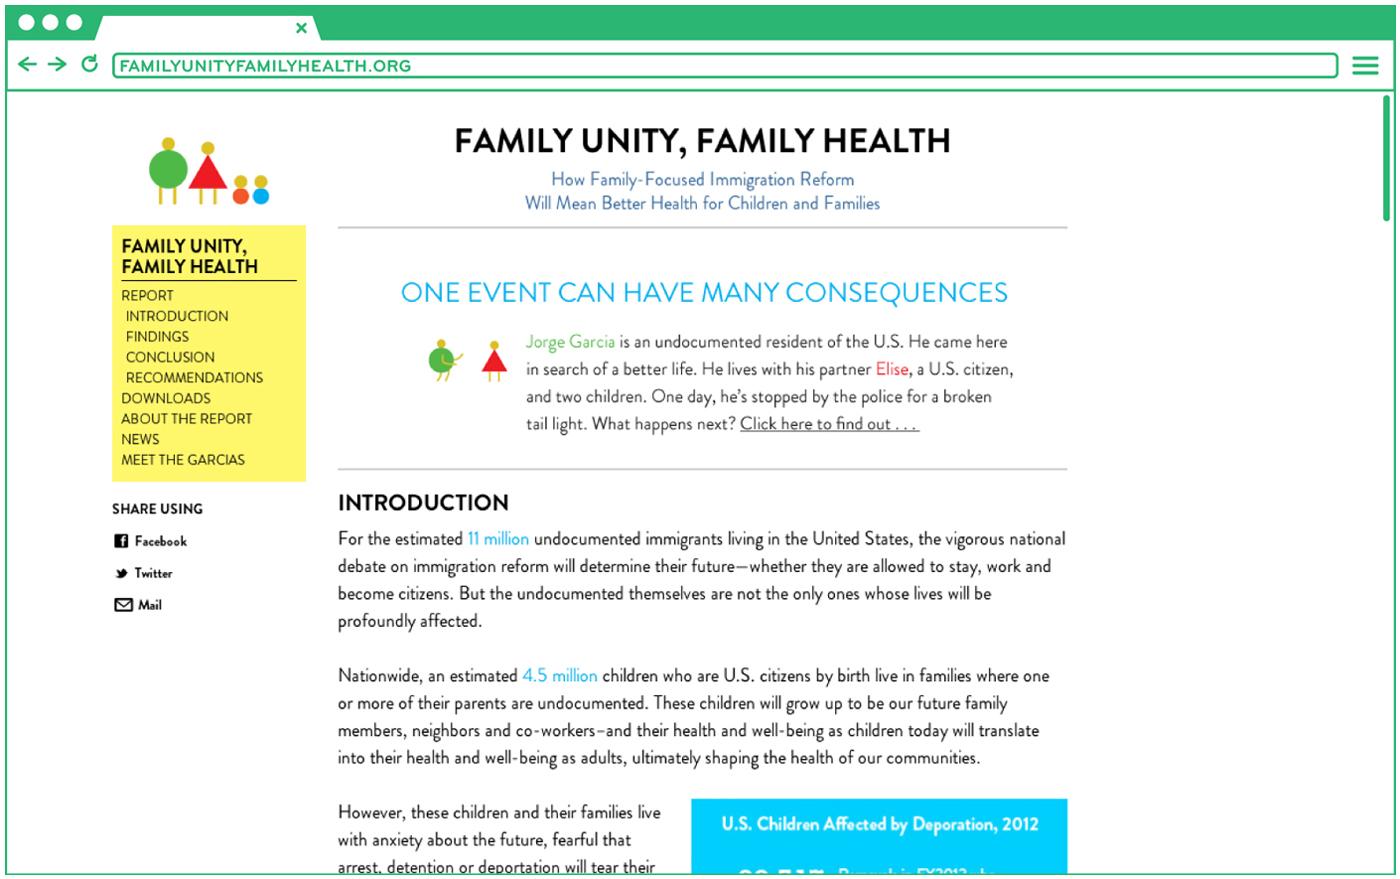 Rosten Woo - Family Unity, Family Health